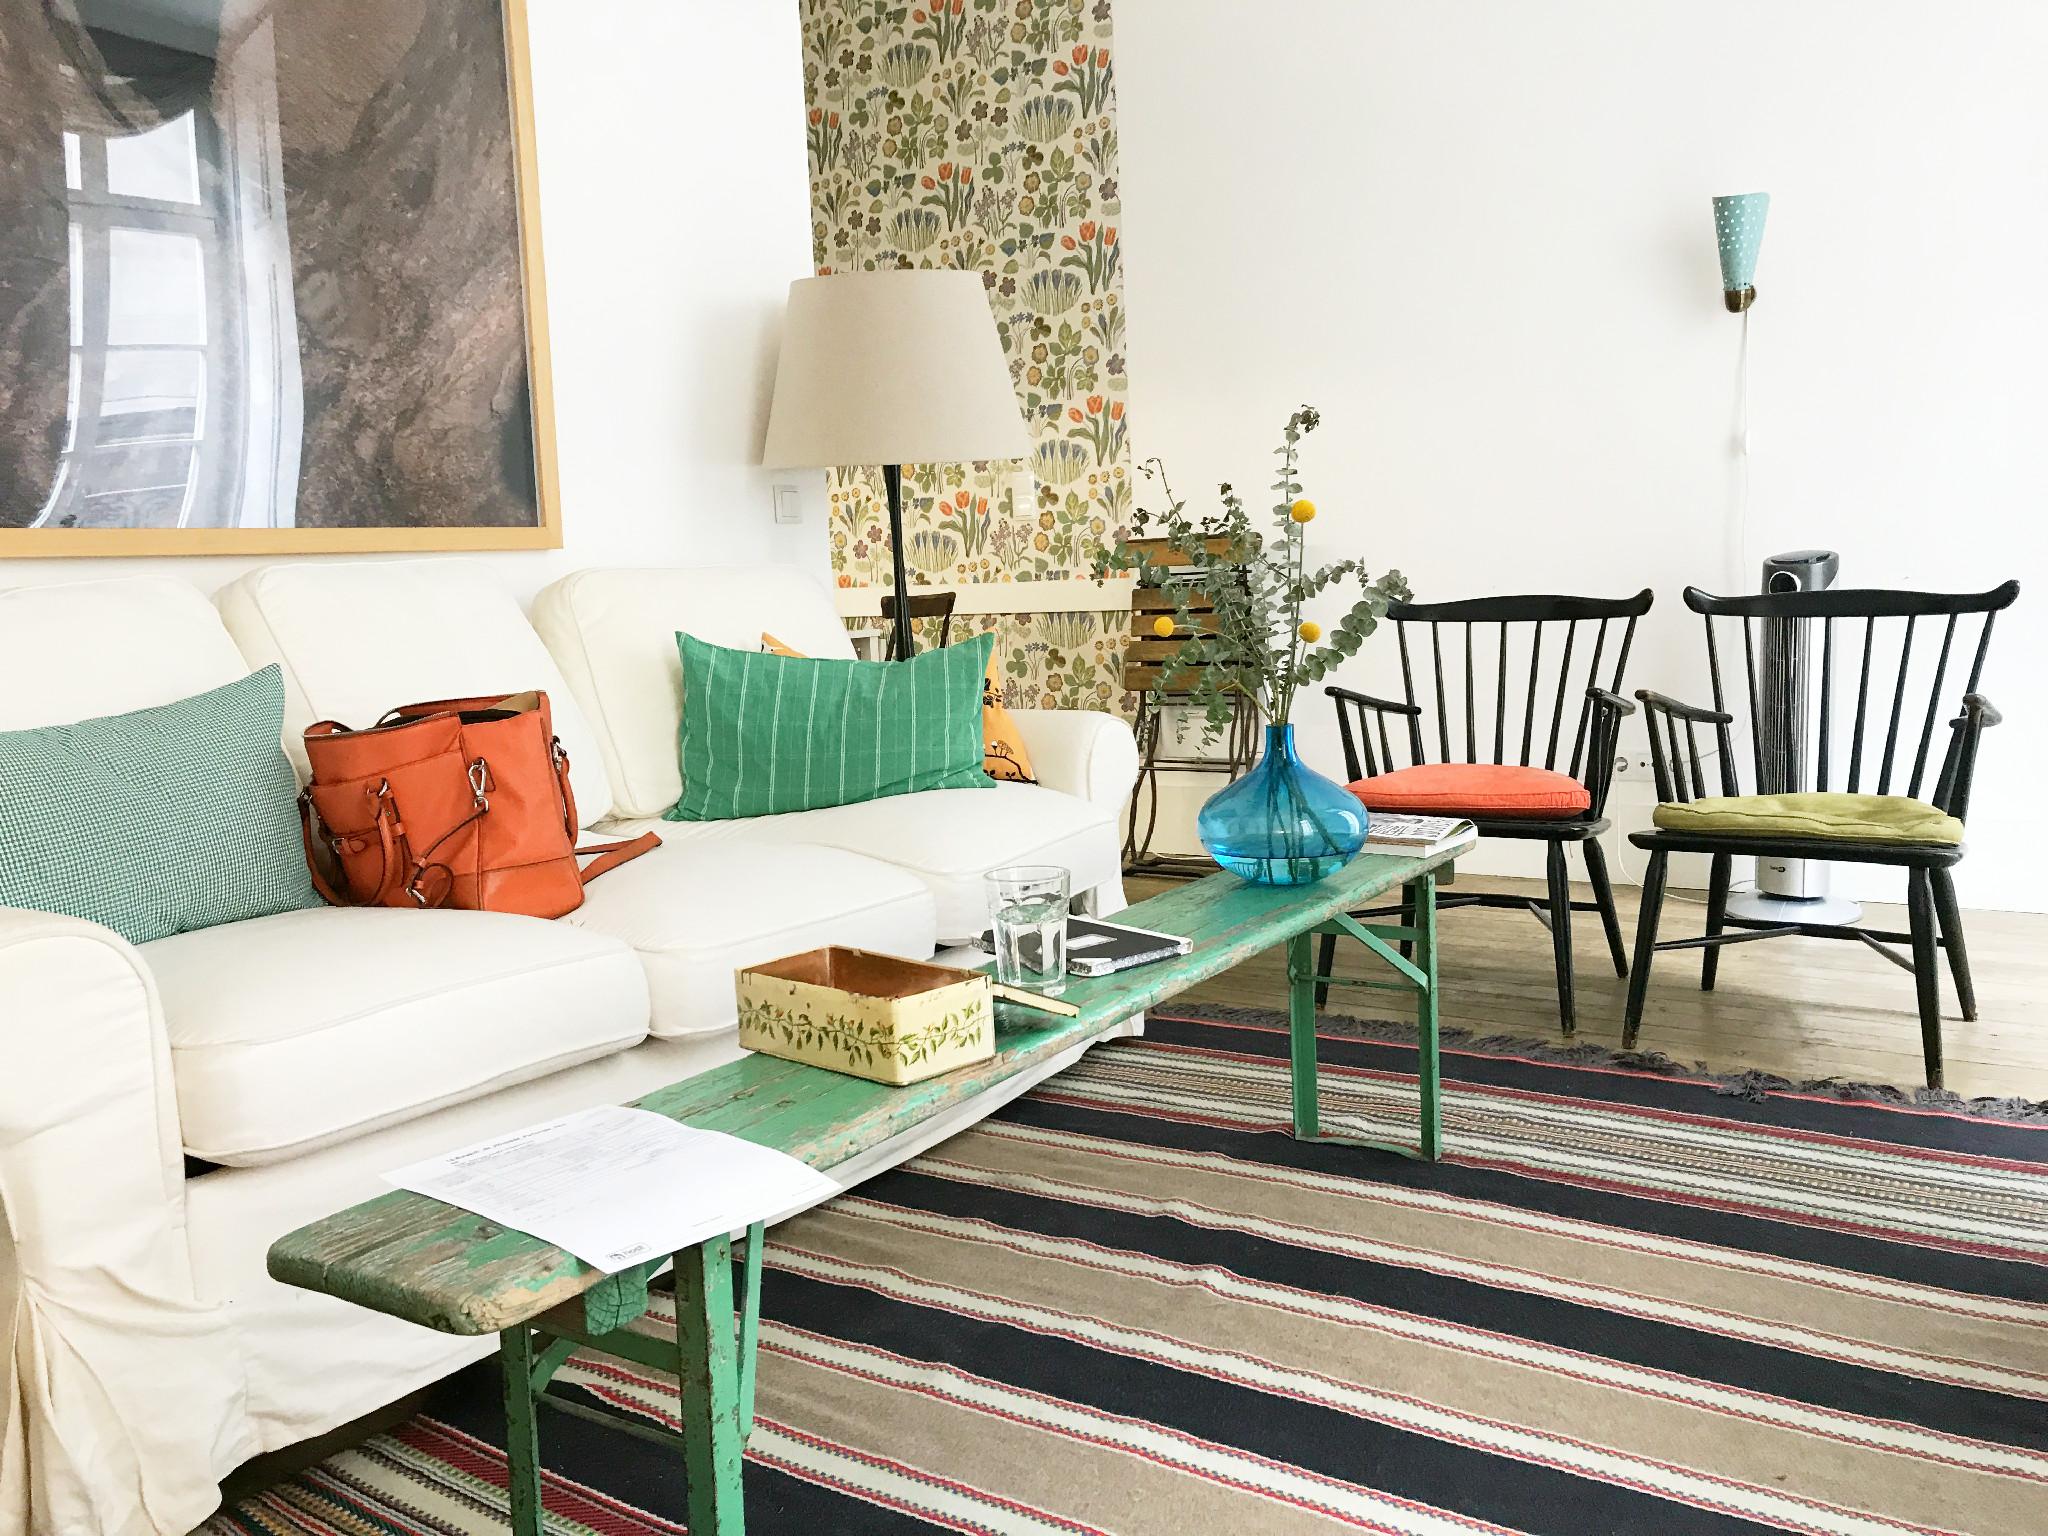 Das Baixa House ist kaum zu finden von außen - und von innen ein Designtraum mit einem zweiten Zimmer mit Bunkbeds für die Kids.